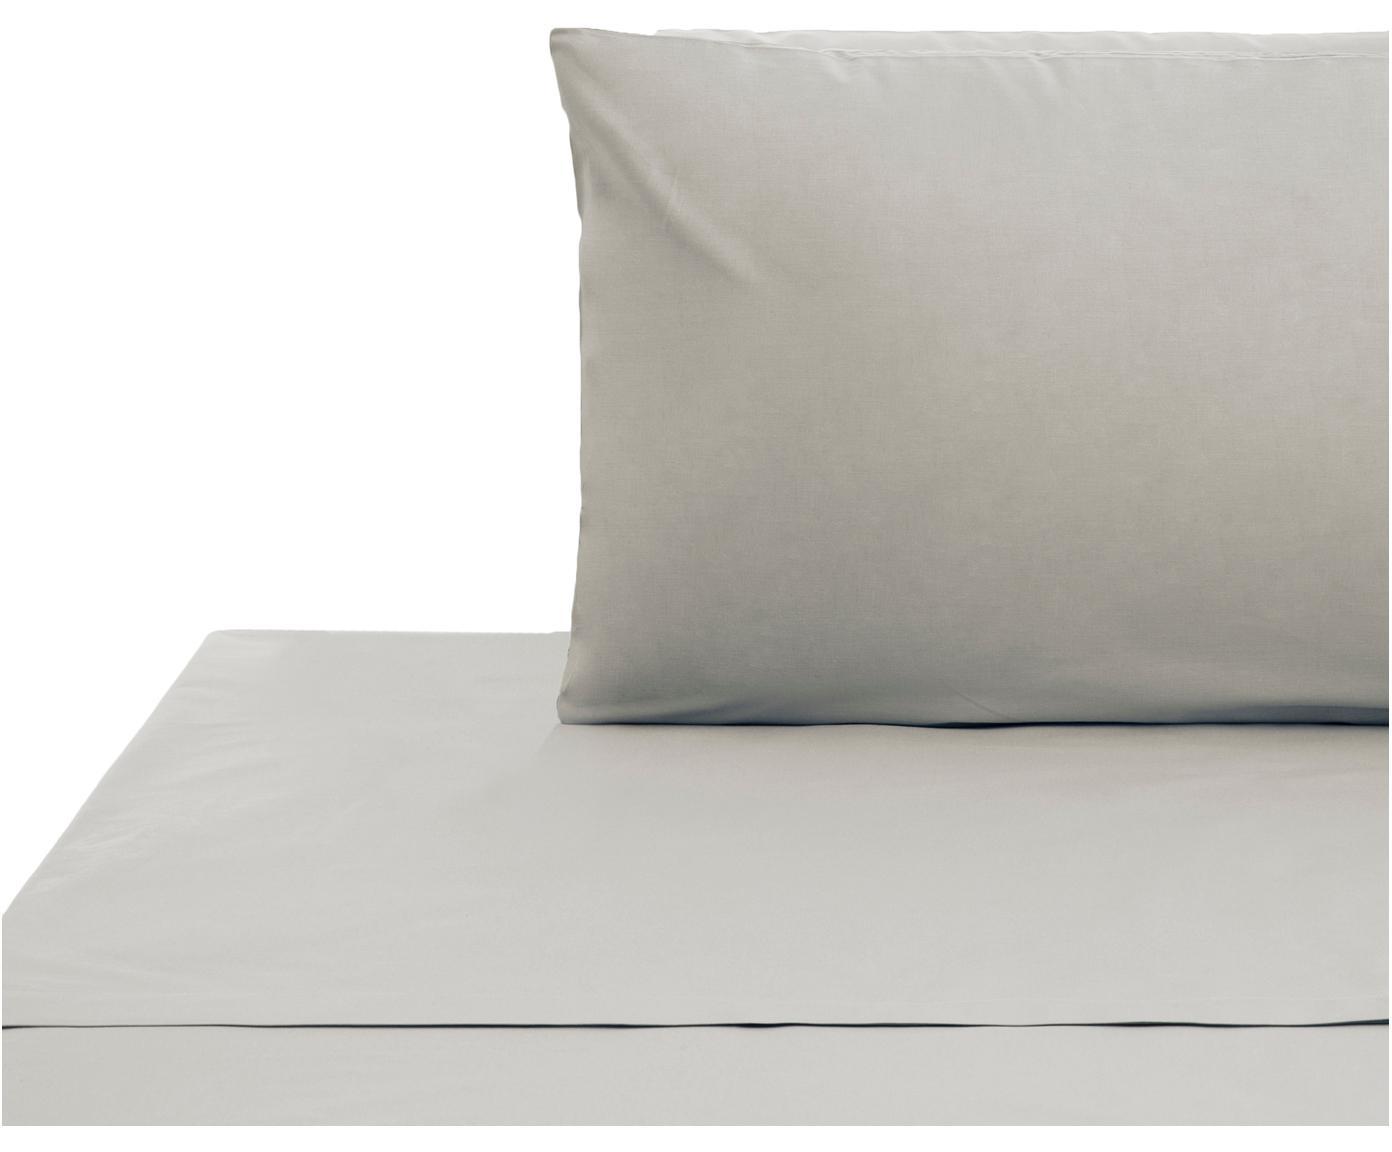 Set lenzuola in cotone ranforce Lenare 2 pz, Tessuto: Renforcé, Fronte e retro: grigio chiaro, 150 x 290 cm